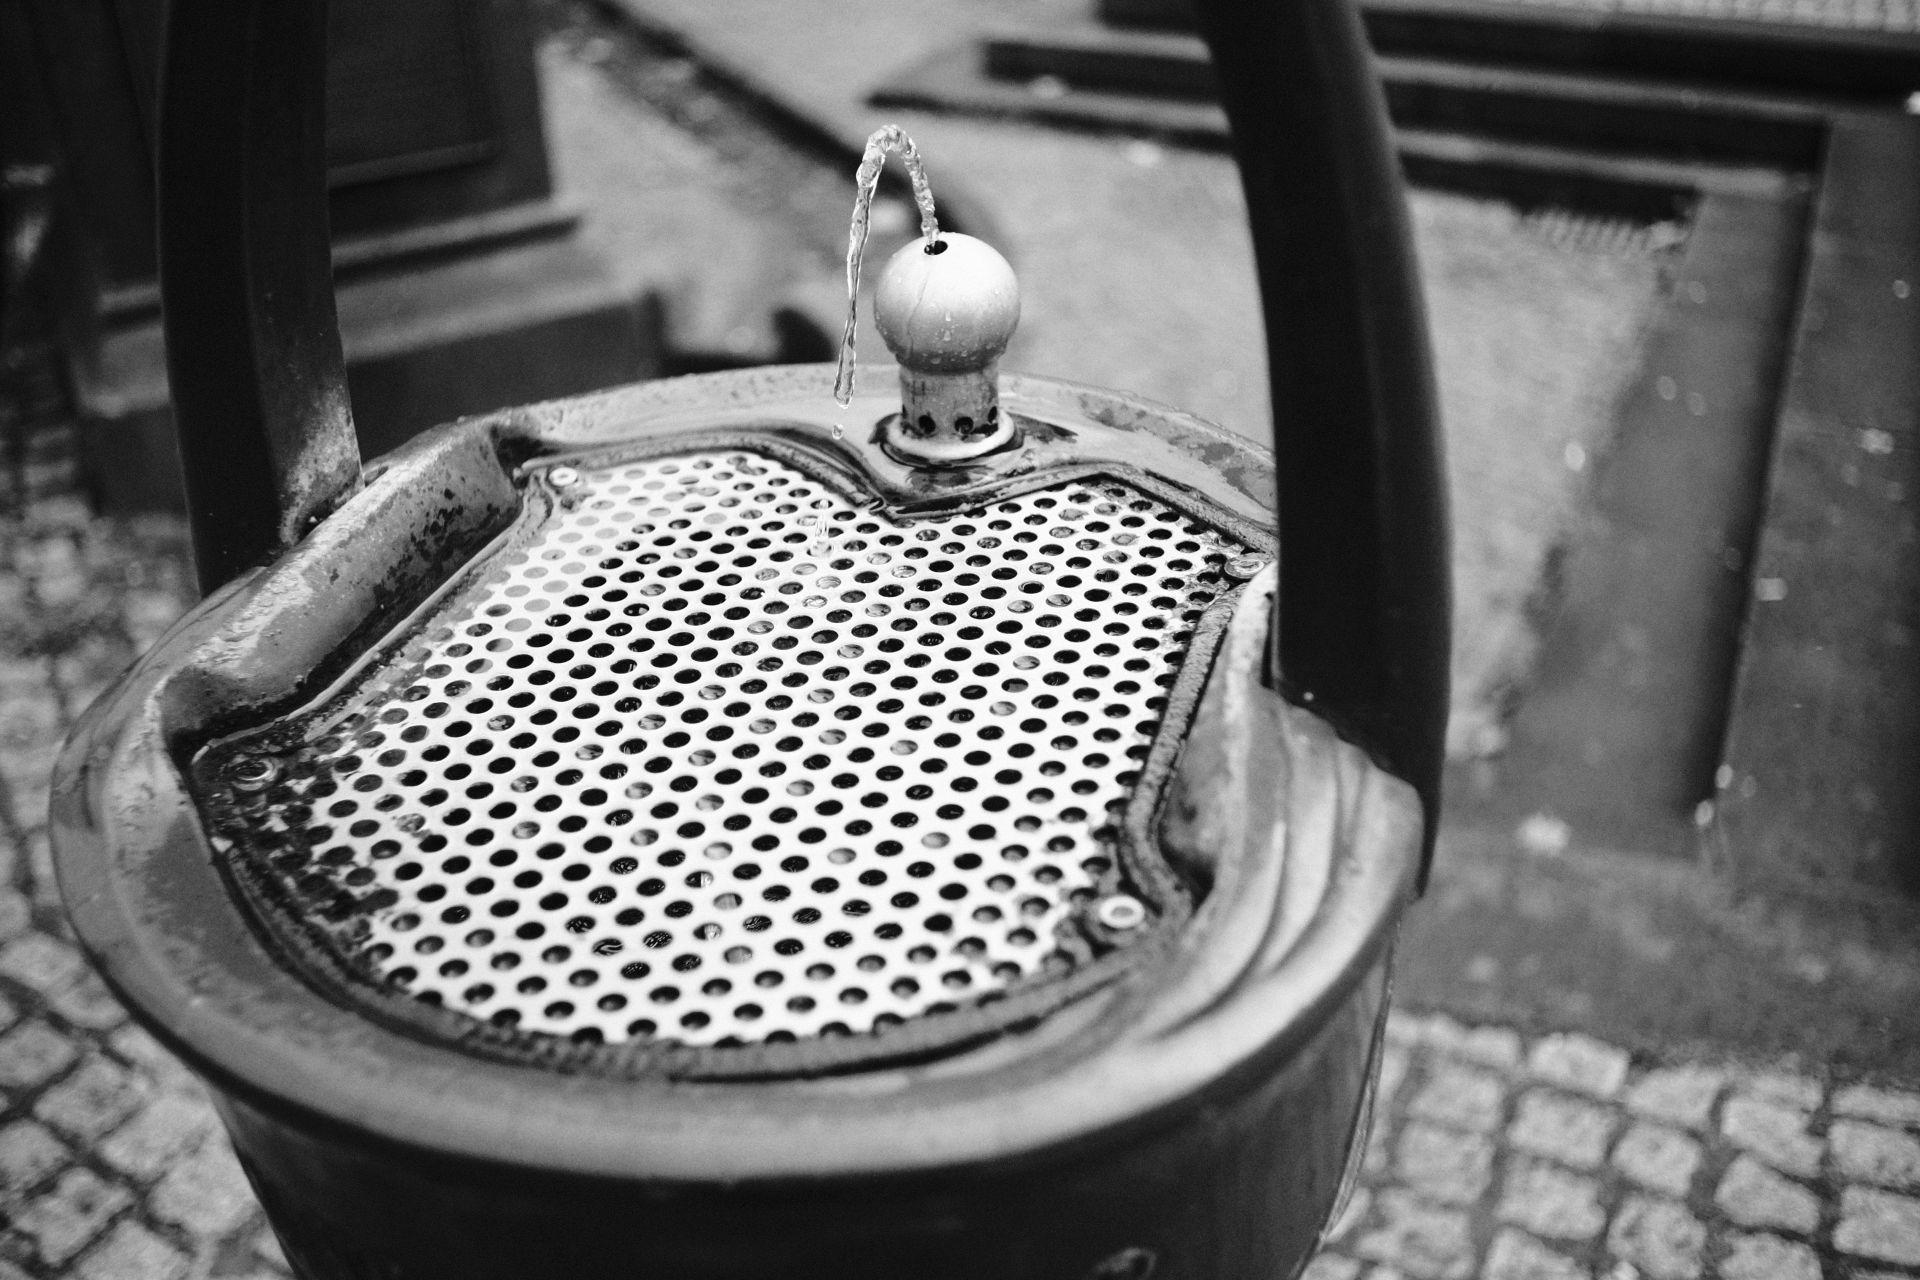 Trinkwasser am Friedensplatz 1/3500sec ISO-3200 22mm